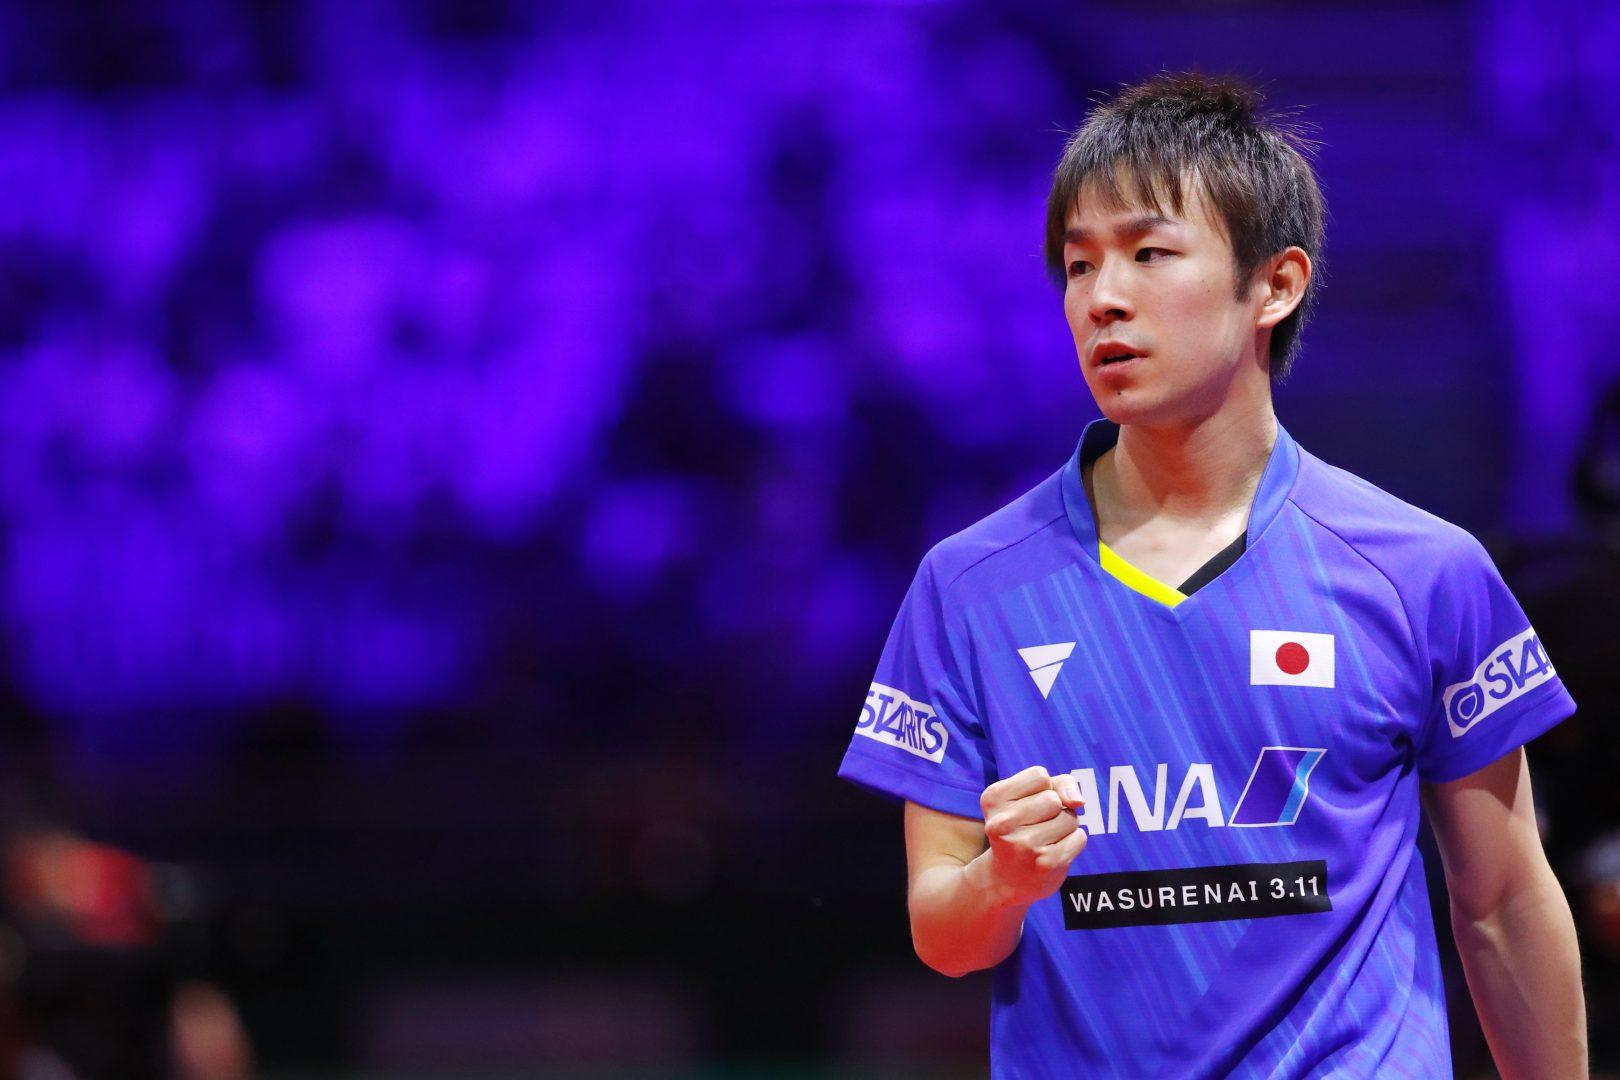 丹羽孝希が日本選手トップをキープ|卓球男子世界ランキング(2018年2月最新発表)